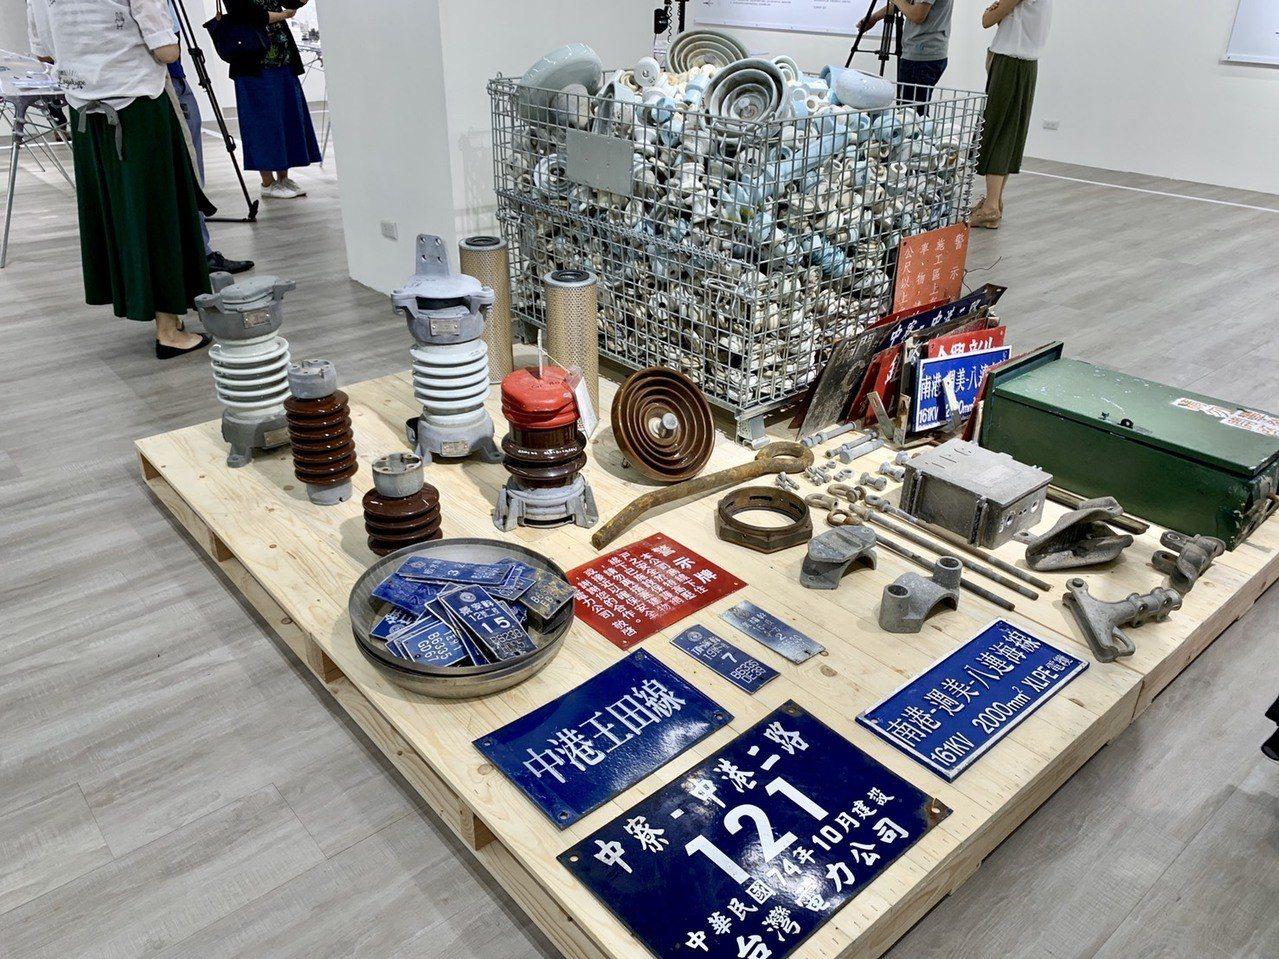 台電文創特展首度揭秘明星商品煤灰杯墊製作過程,並將近千顆廢棄陶瓷礙子直接搬到展場...